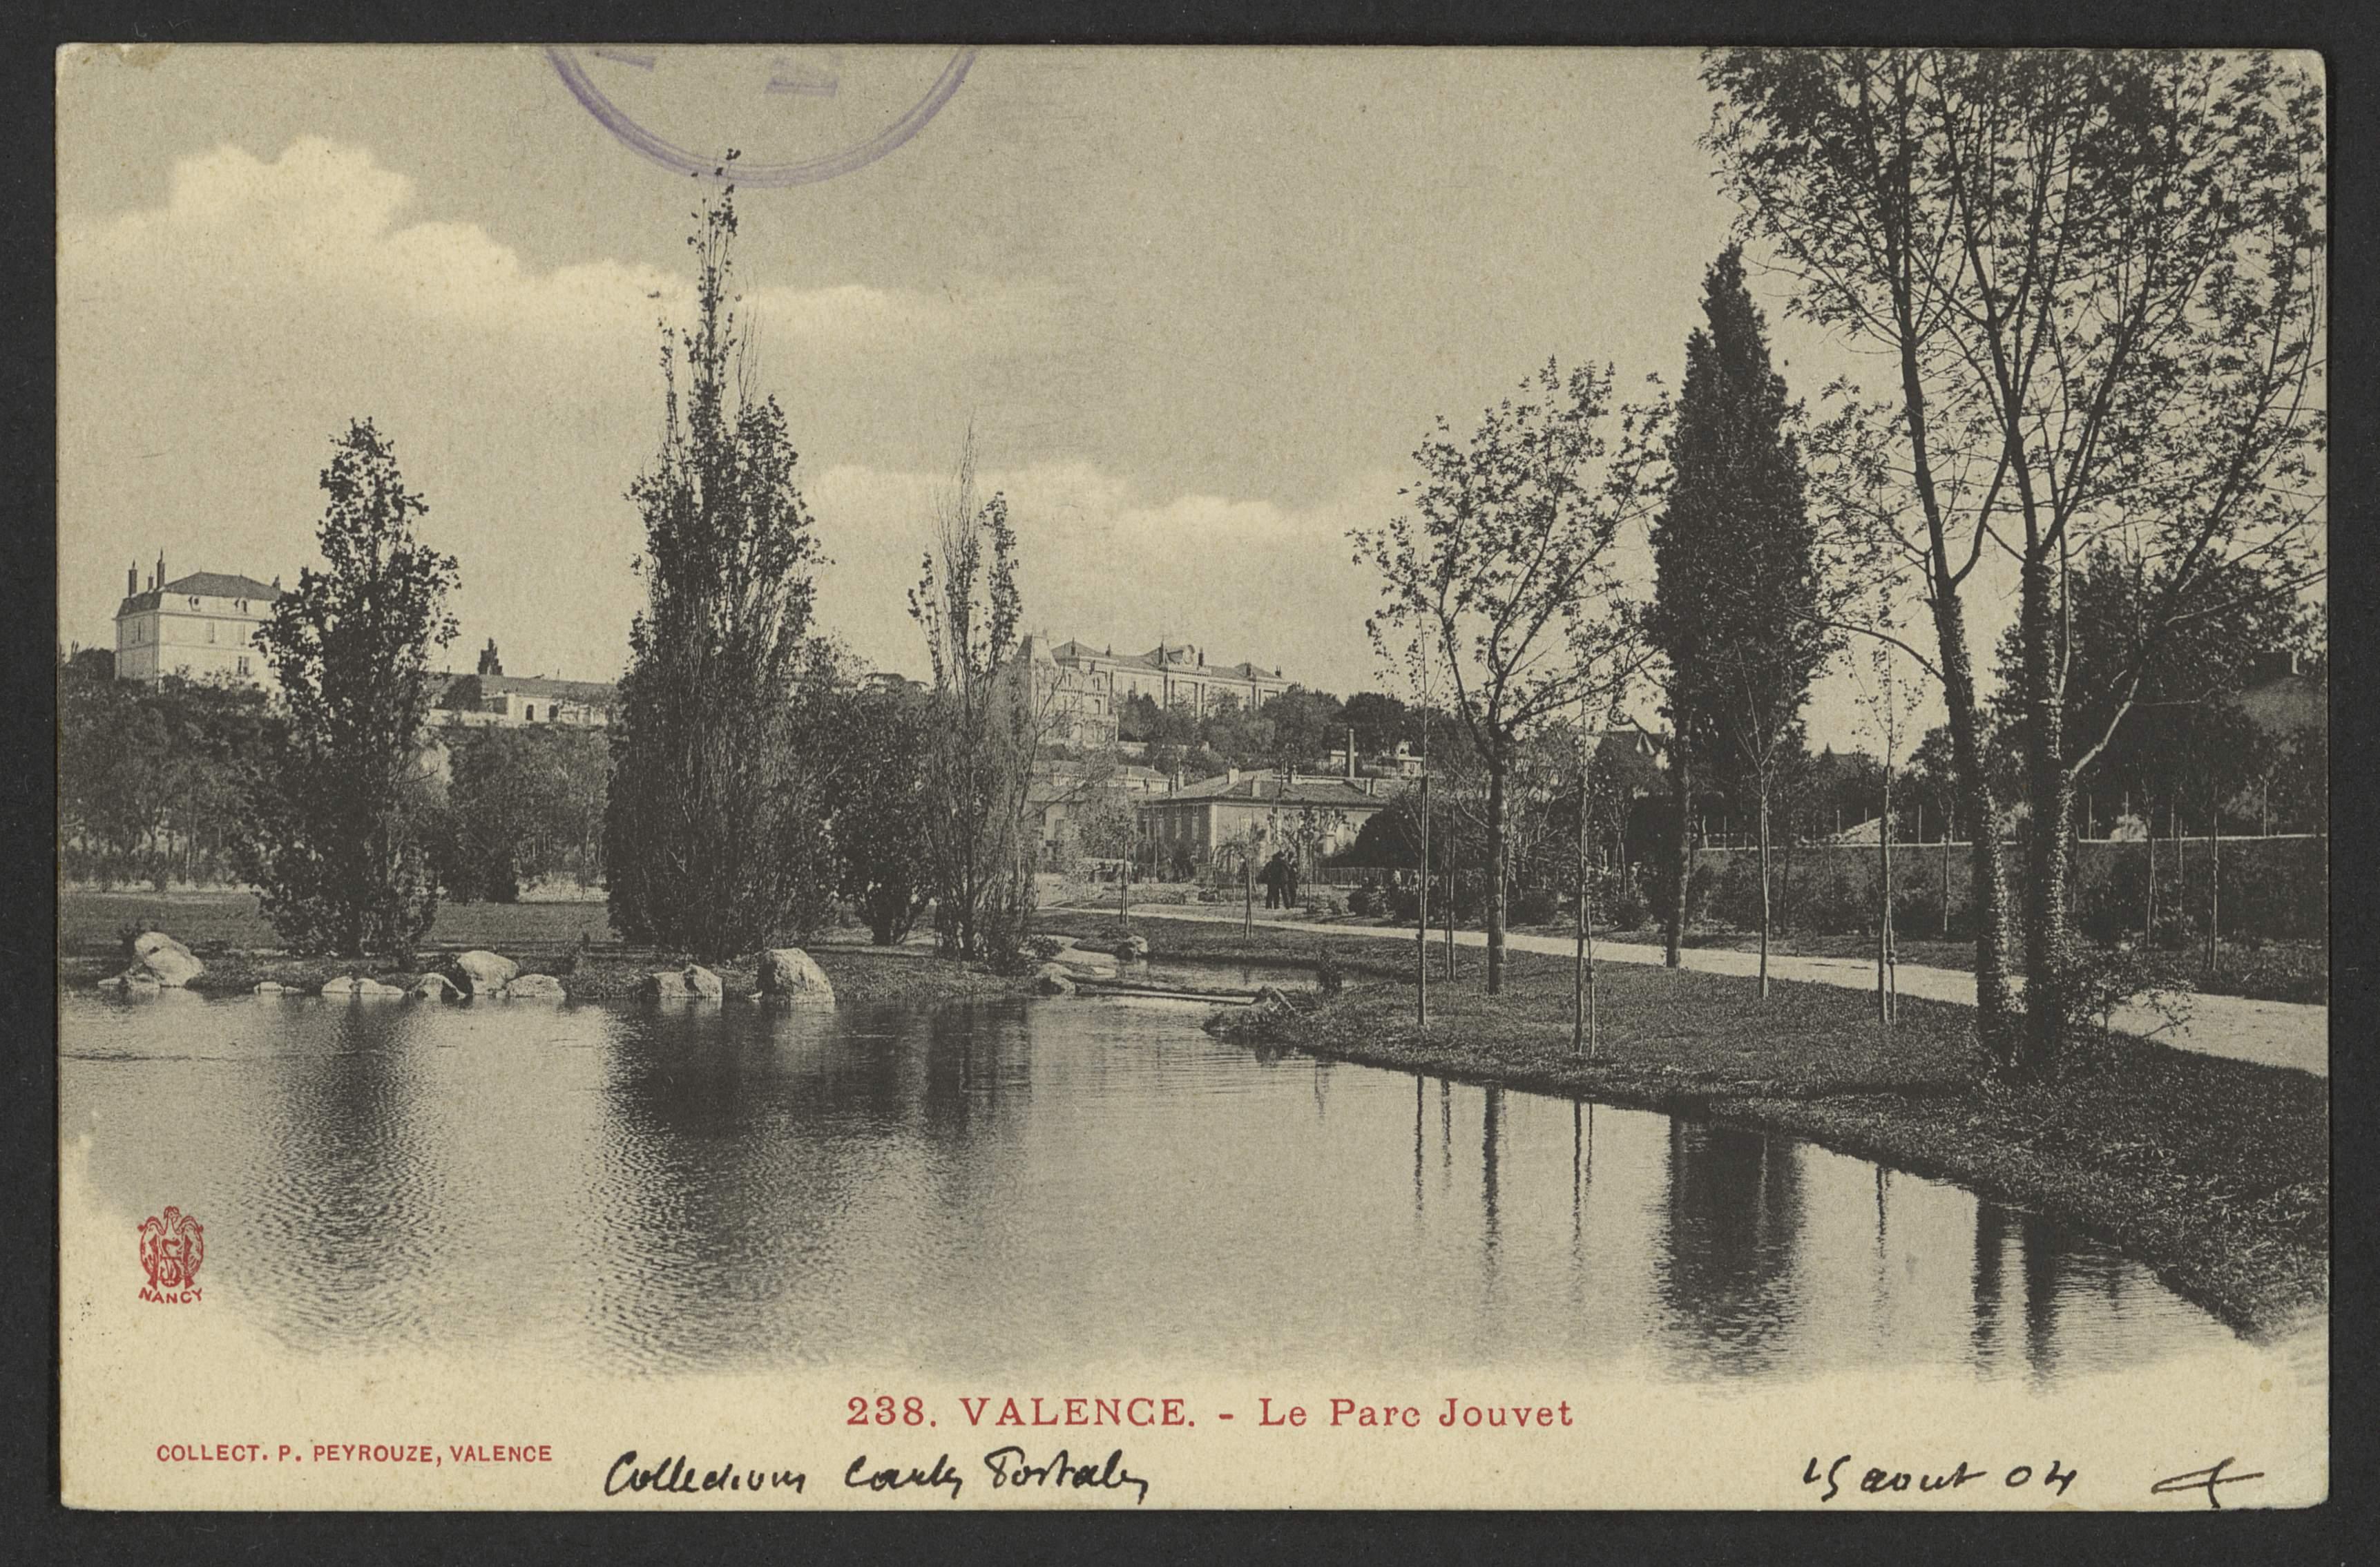 Valence - Le Parc Jouvet